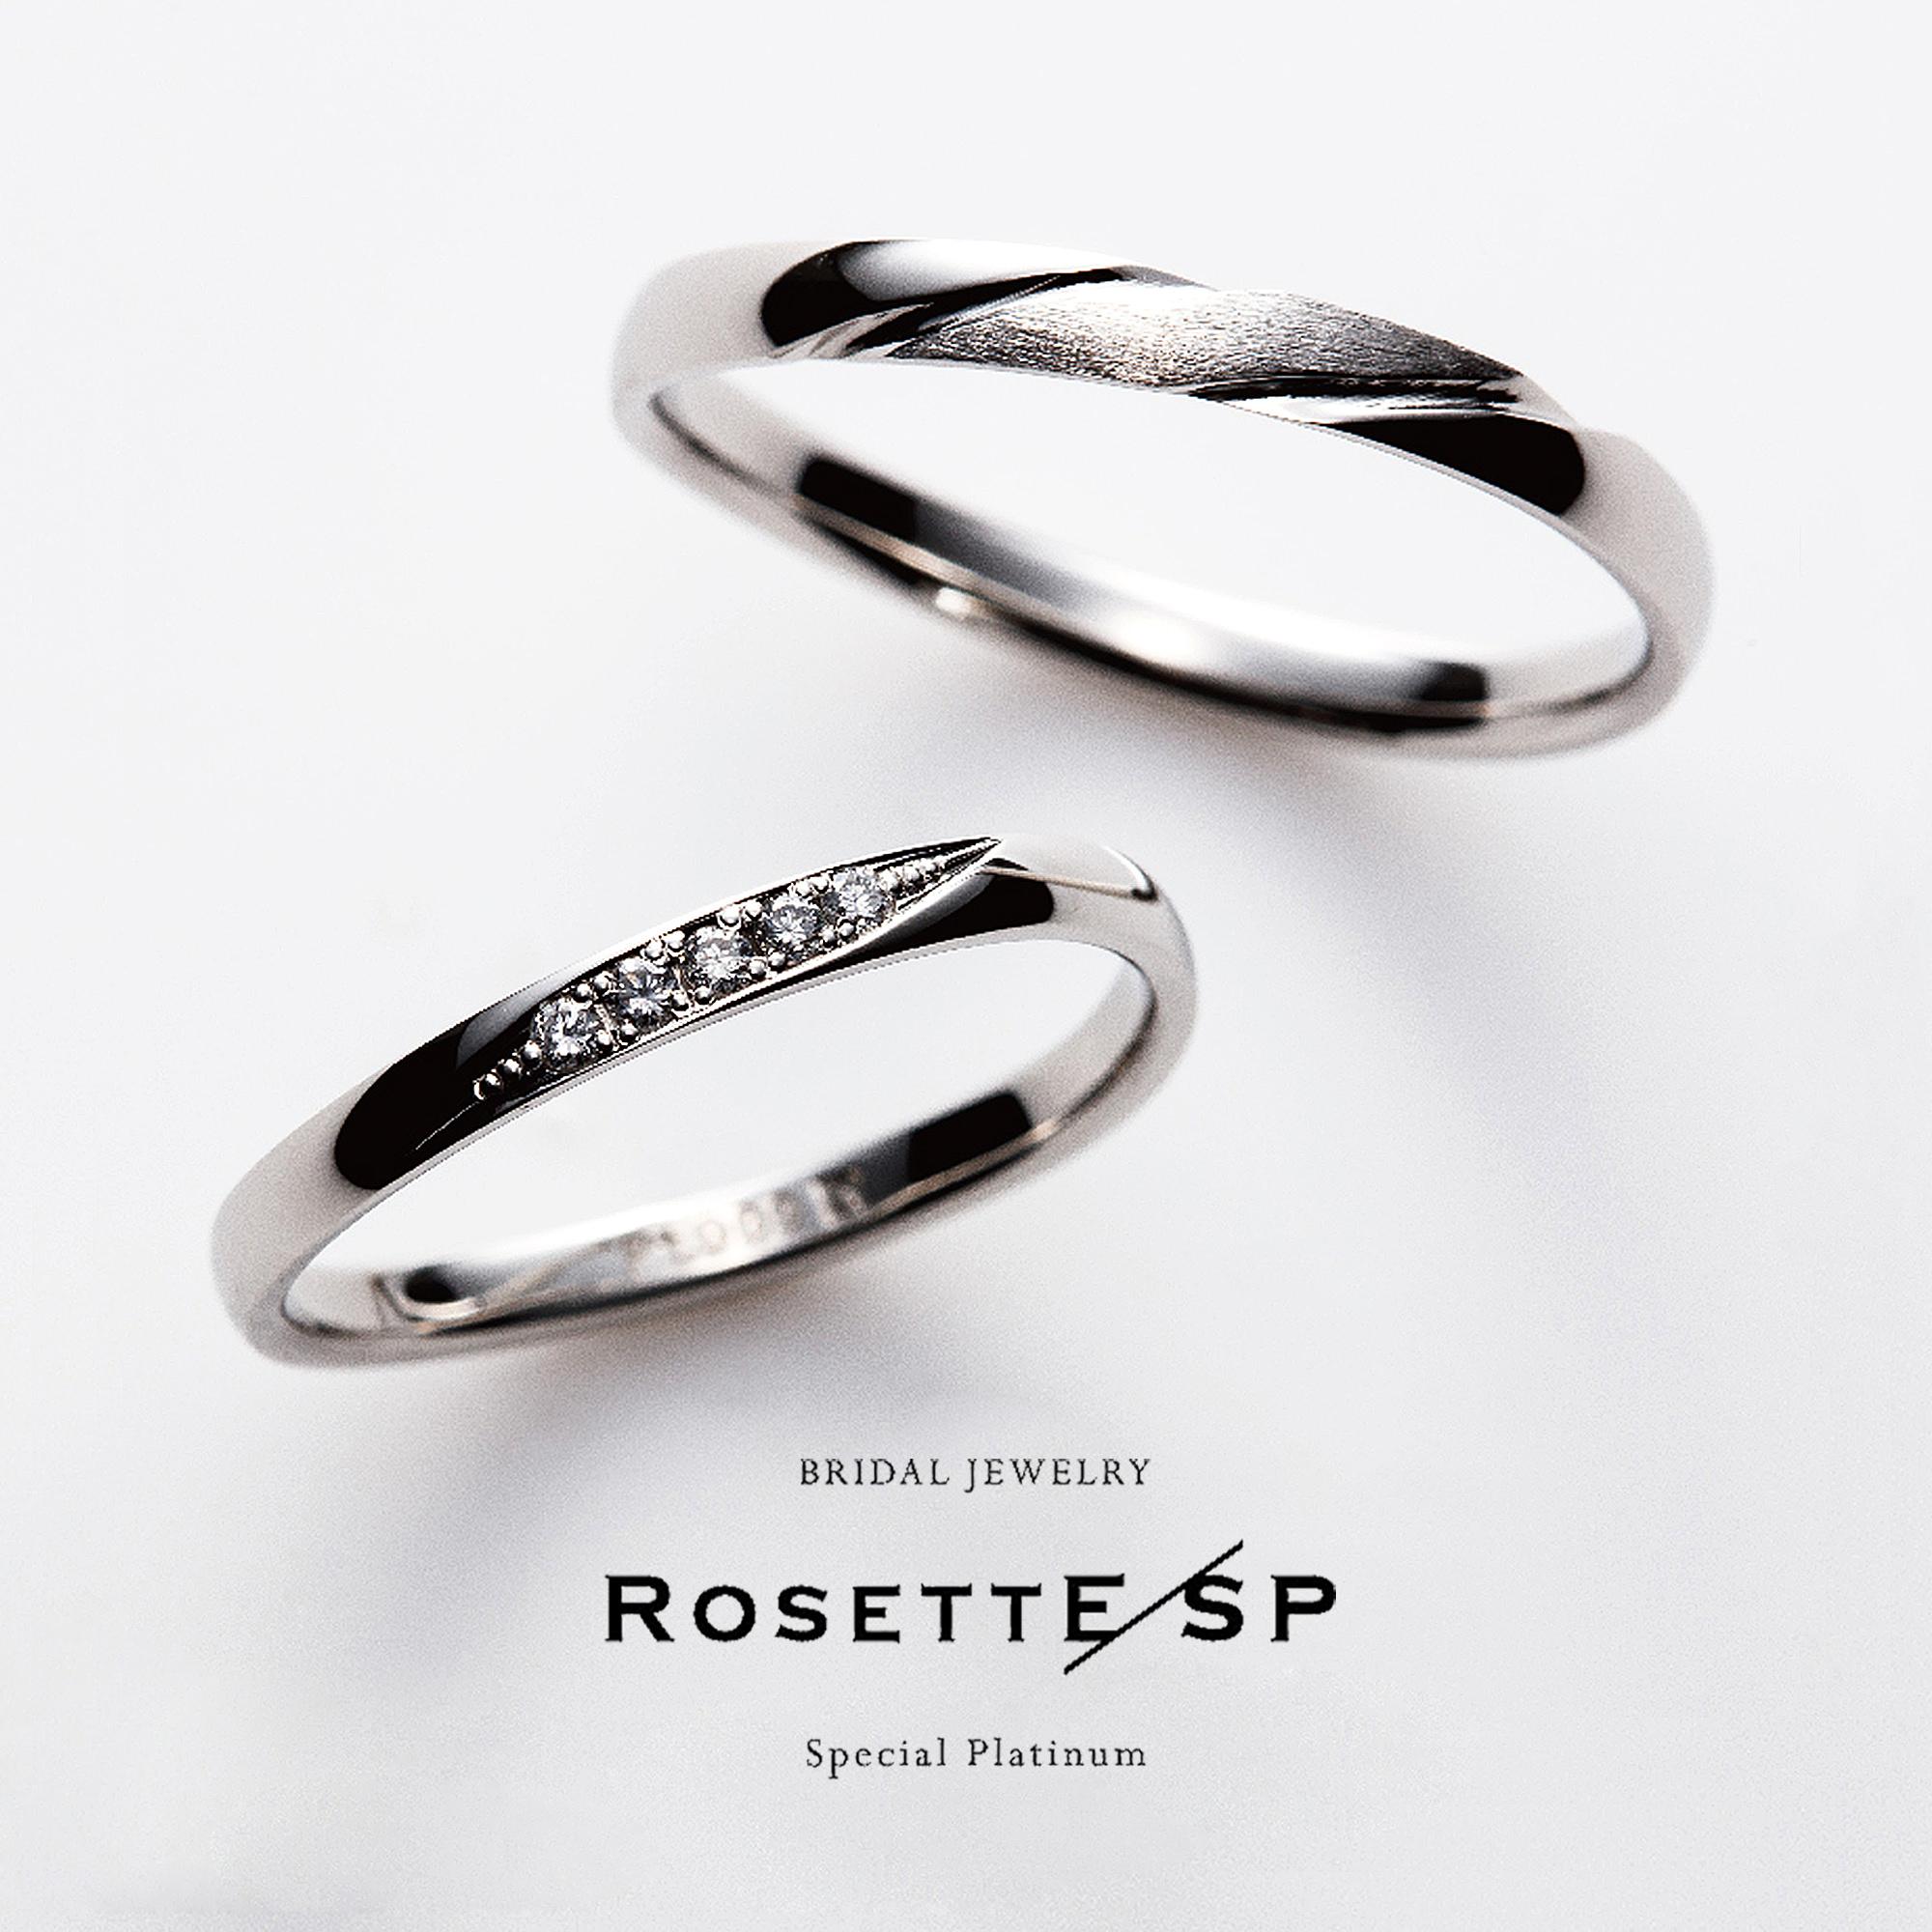 ROSETTE/SPロゼットエスピーの結婚指輪でマリッジリングのBlissブリス